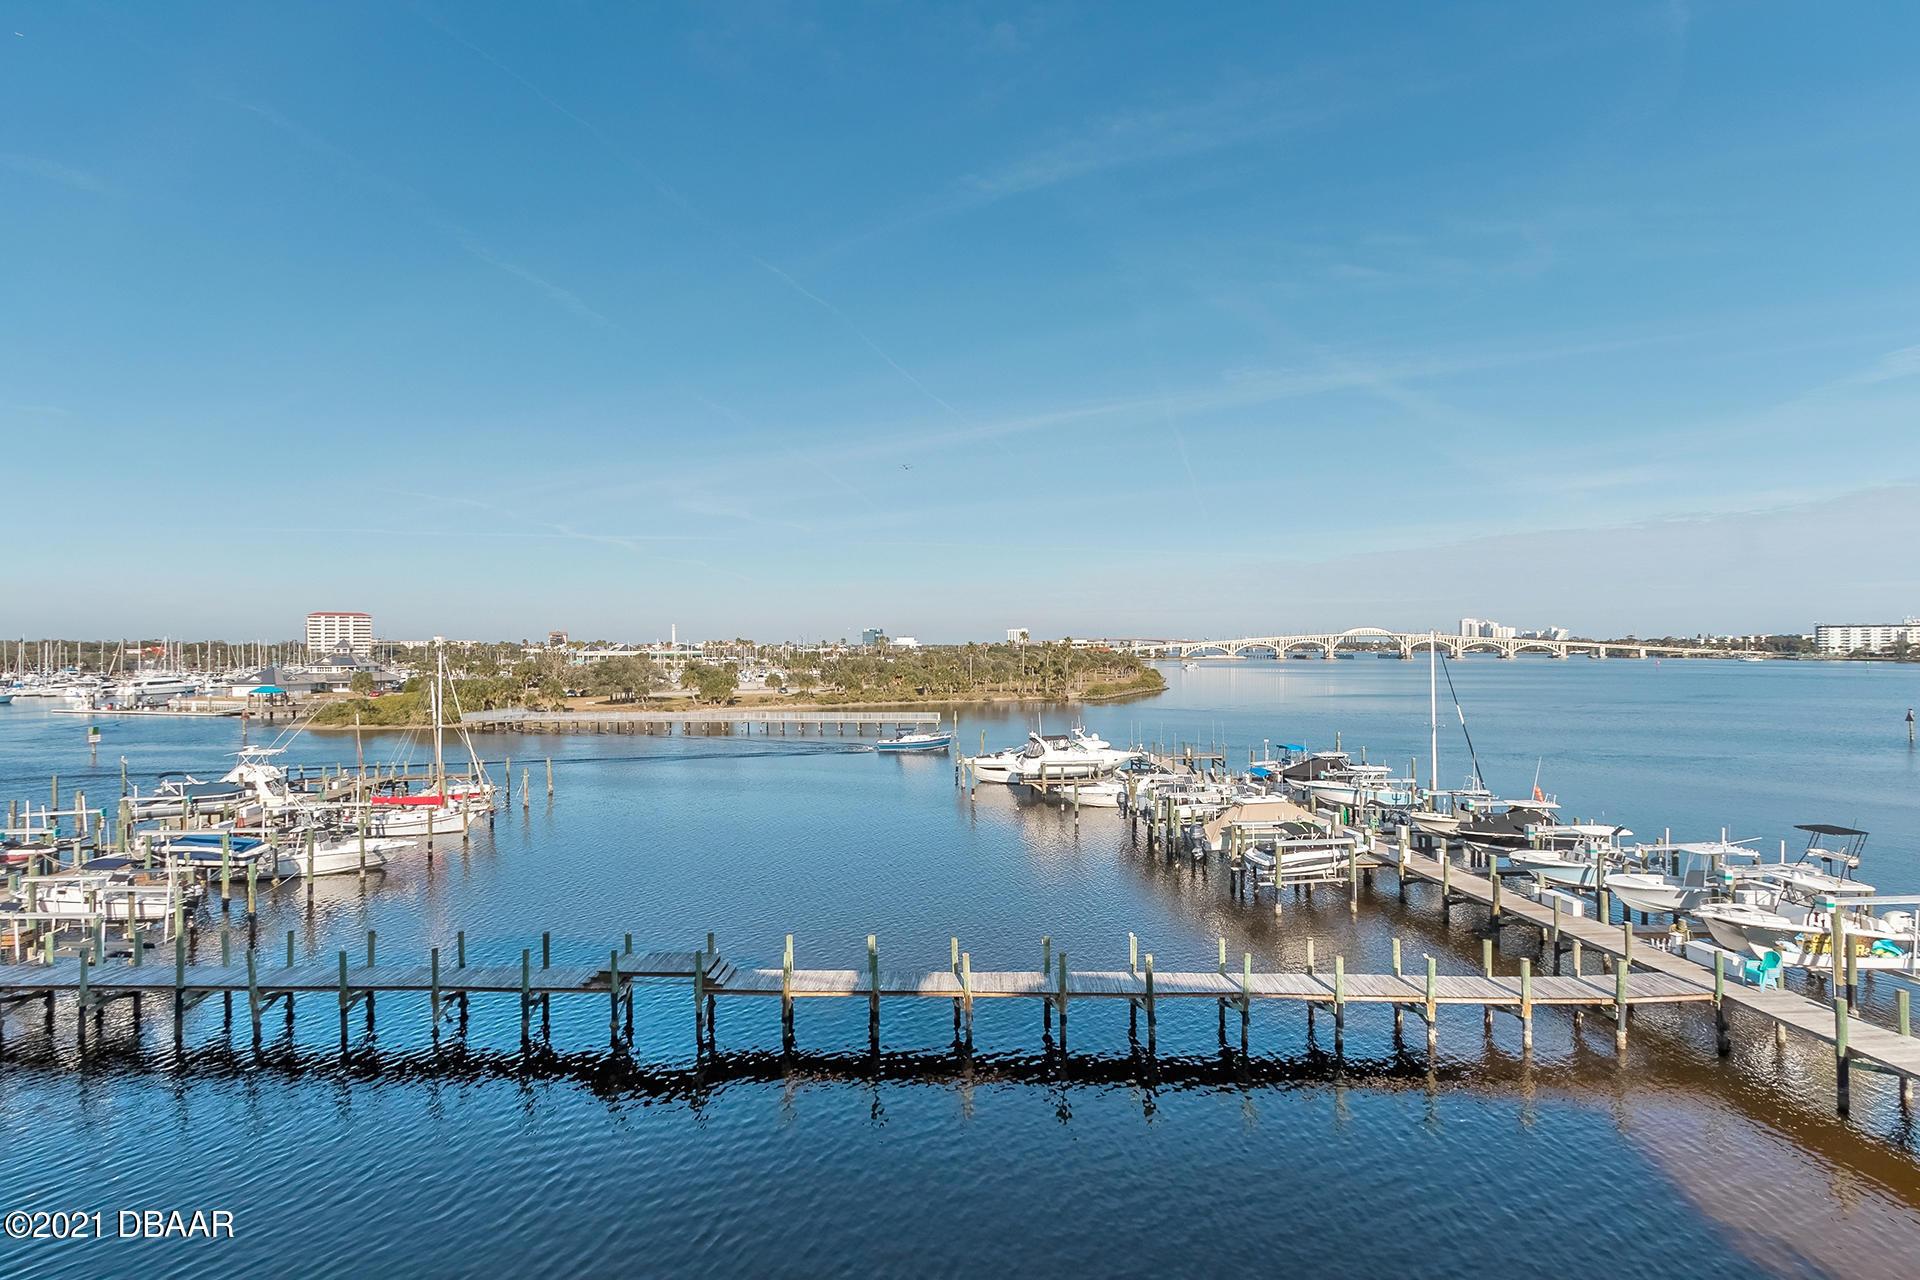 Photo of 644 Marina Point Drive #644, Daytona Beach, FL 32114